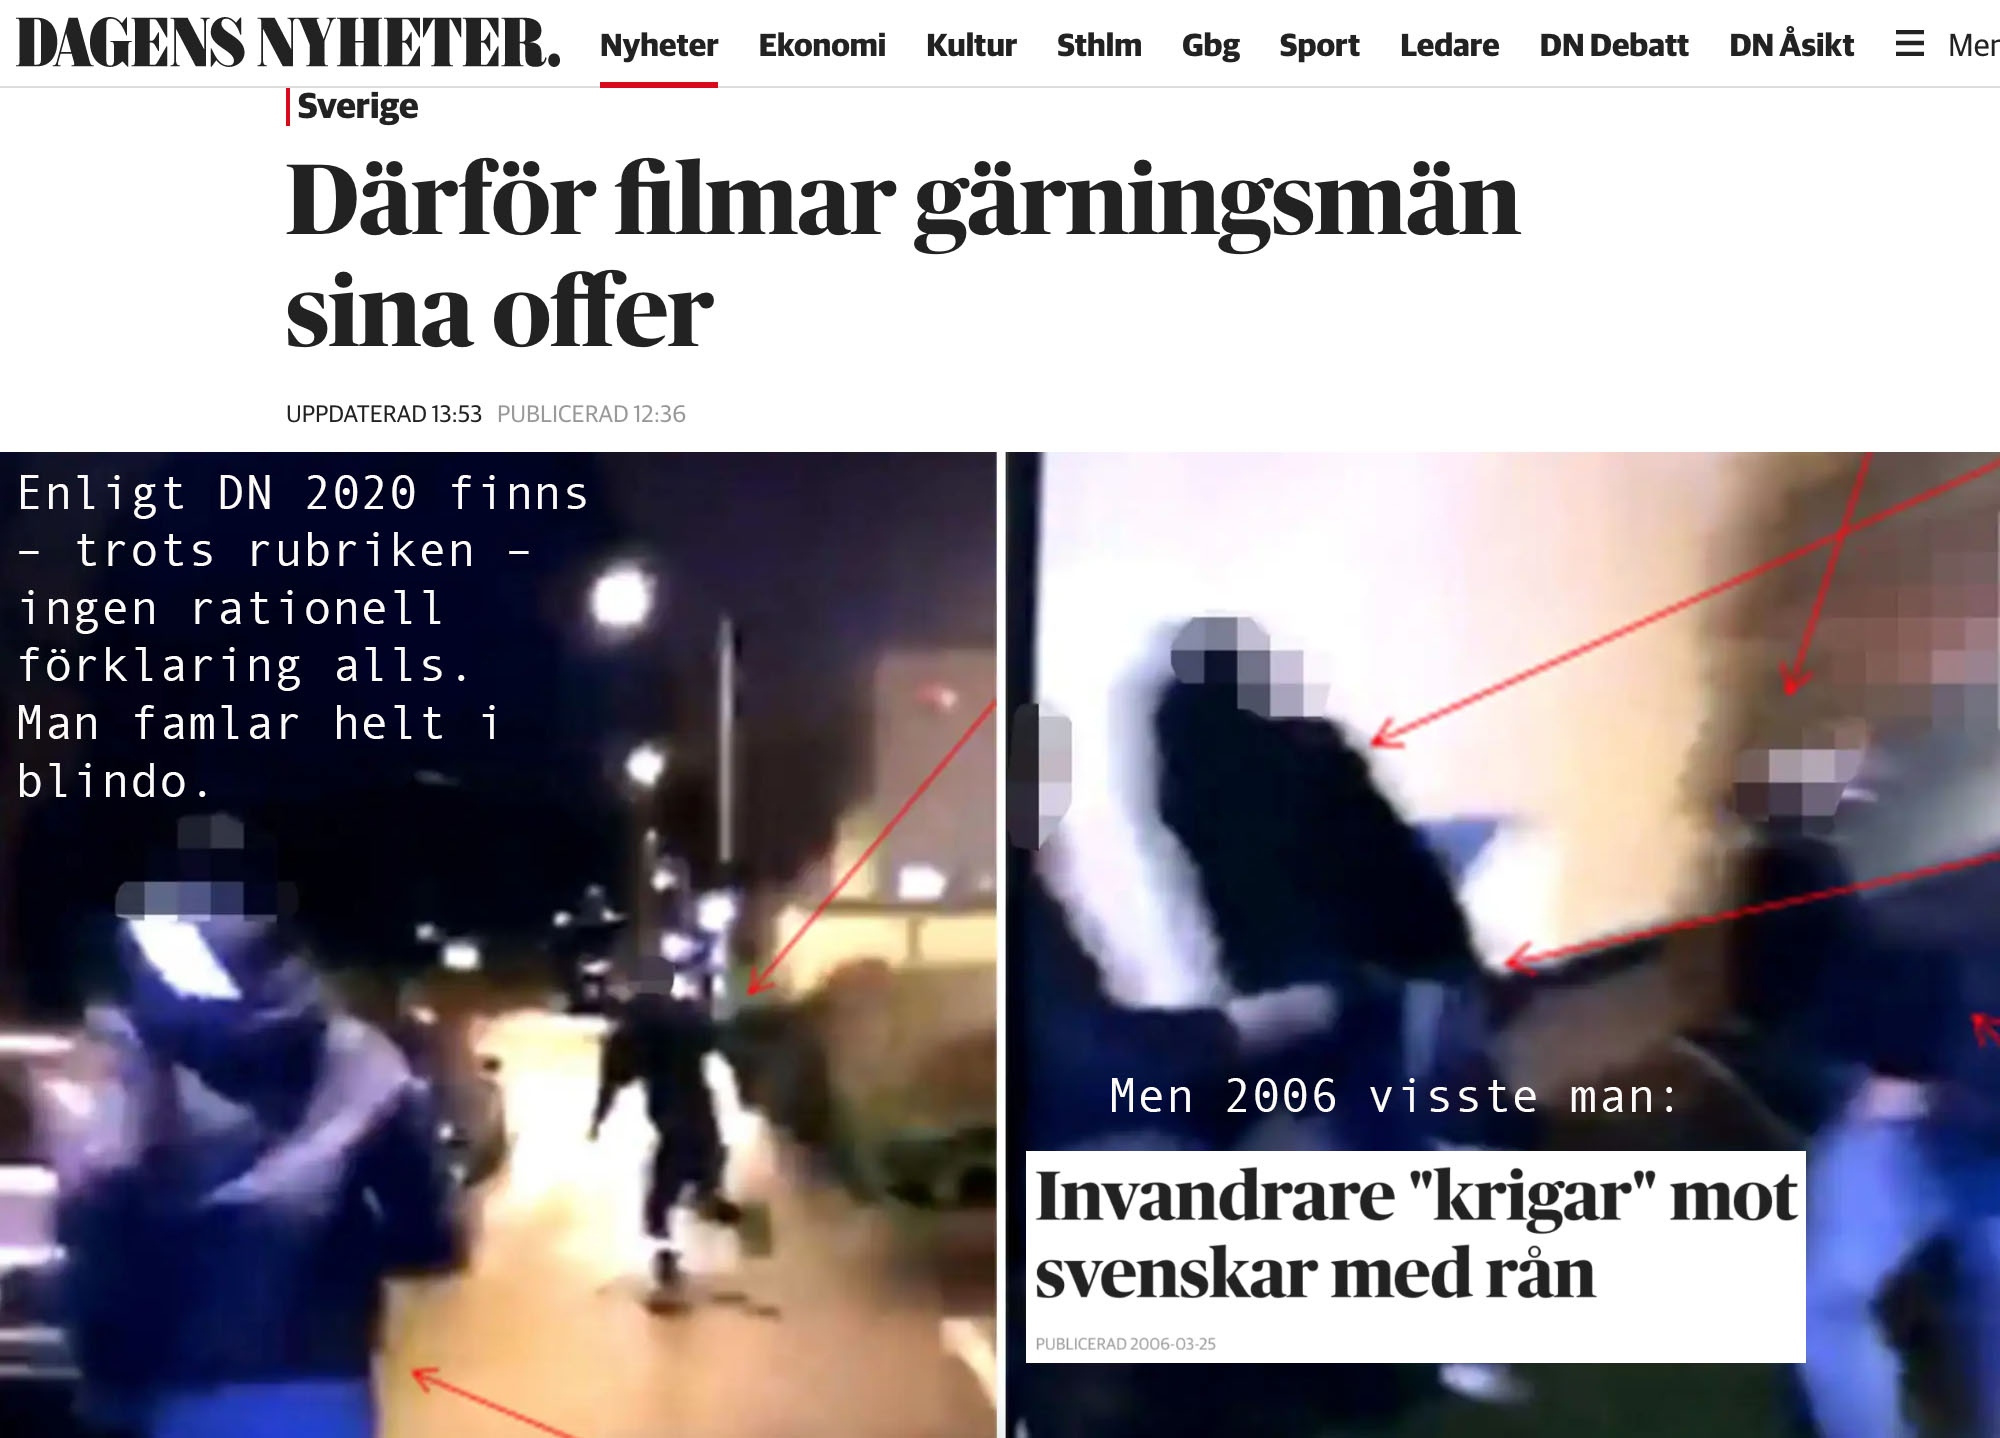 Hatbrott mot svenskar enligt DN 2006 är bara 'spekulation' – enligt DN 2020.